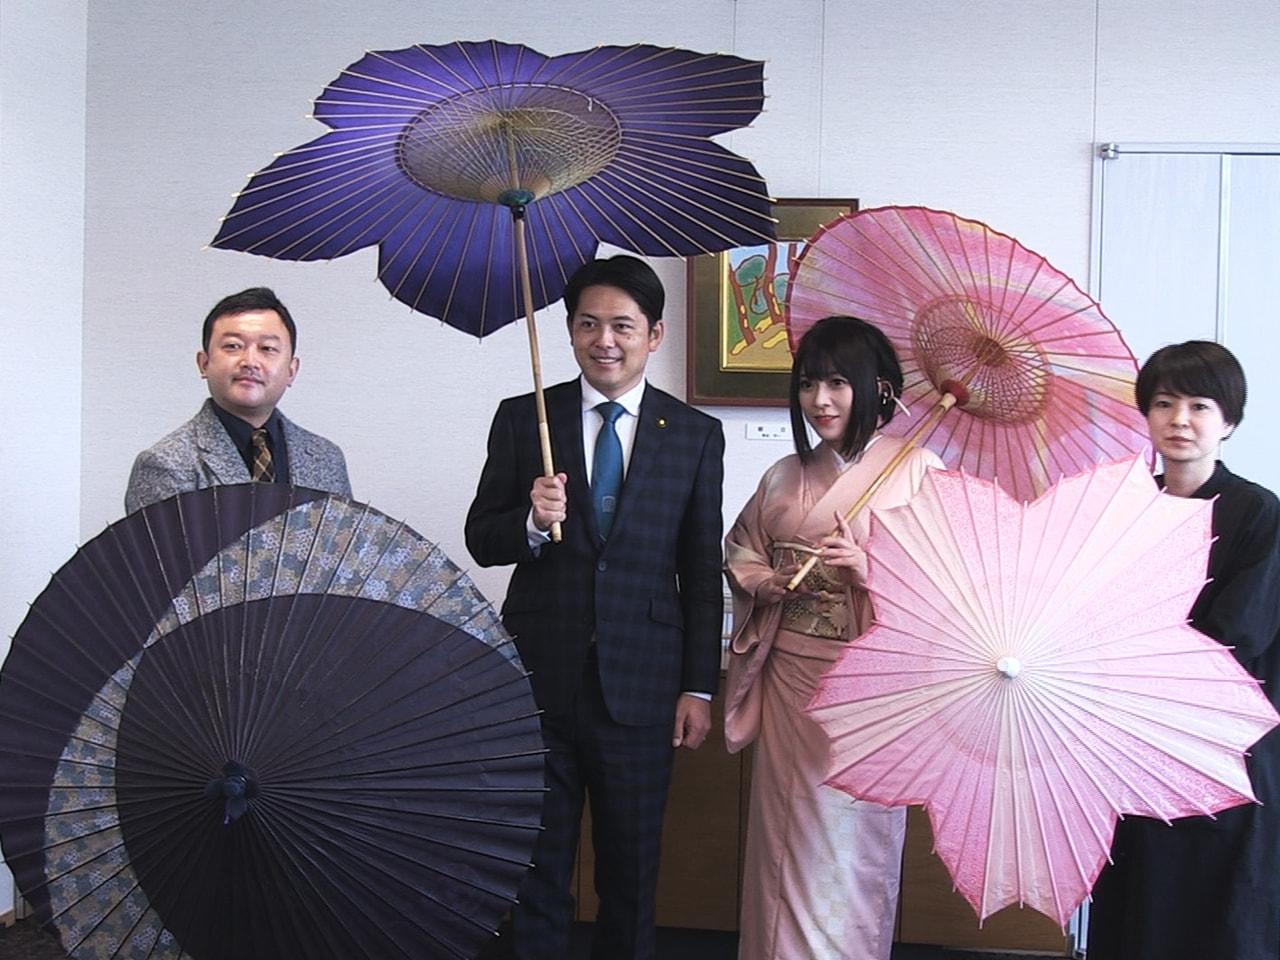 和楽器とロックバンドを融合させた「和楽器バンド」のメンバーが10月4日、岐阜市役...